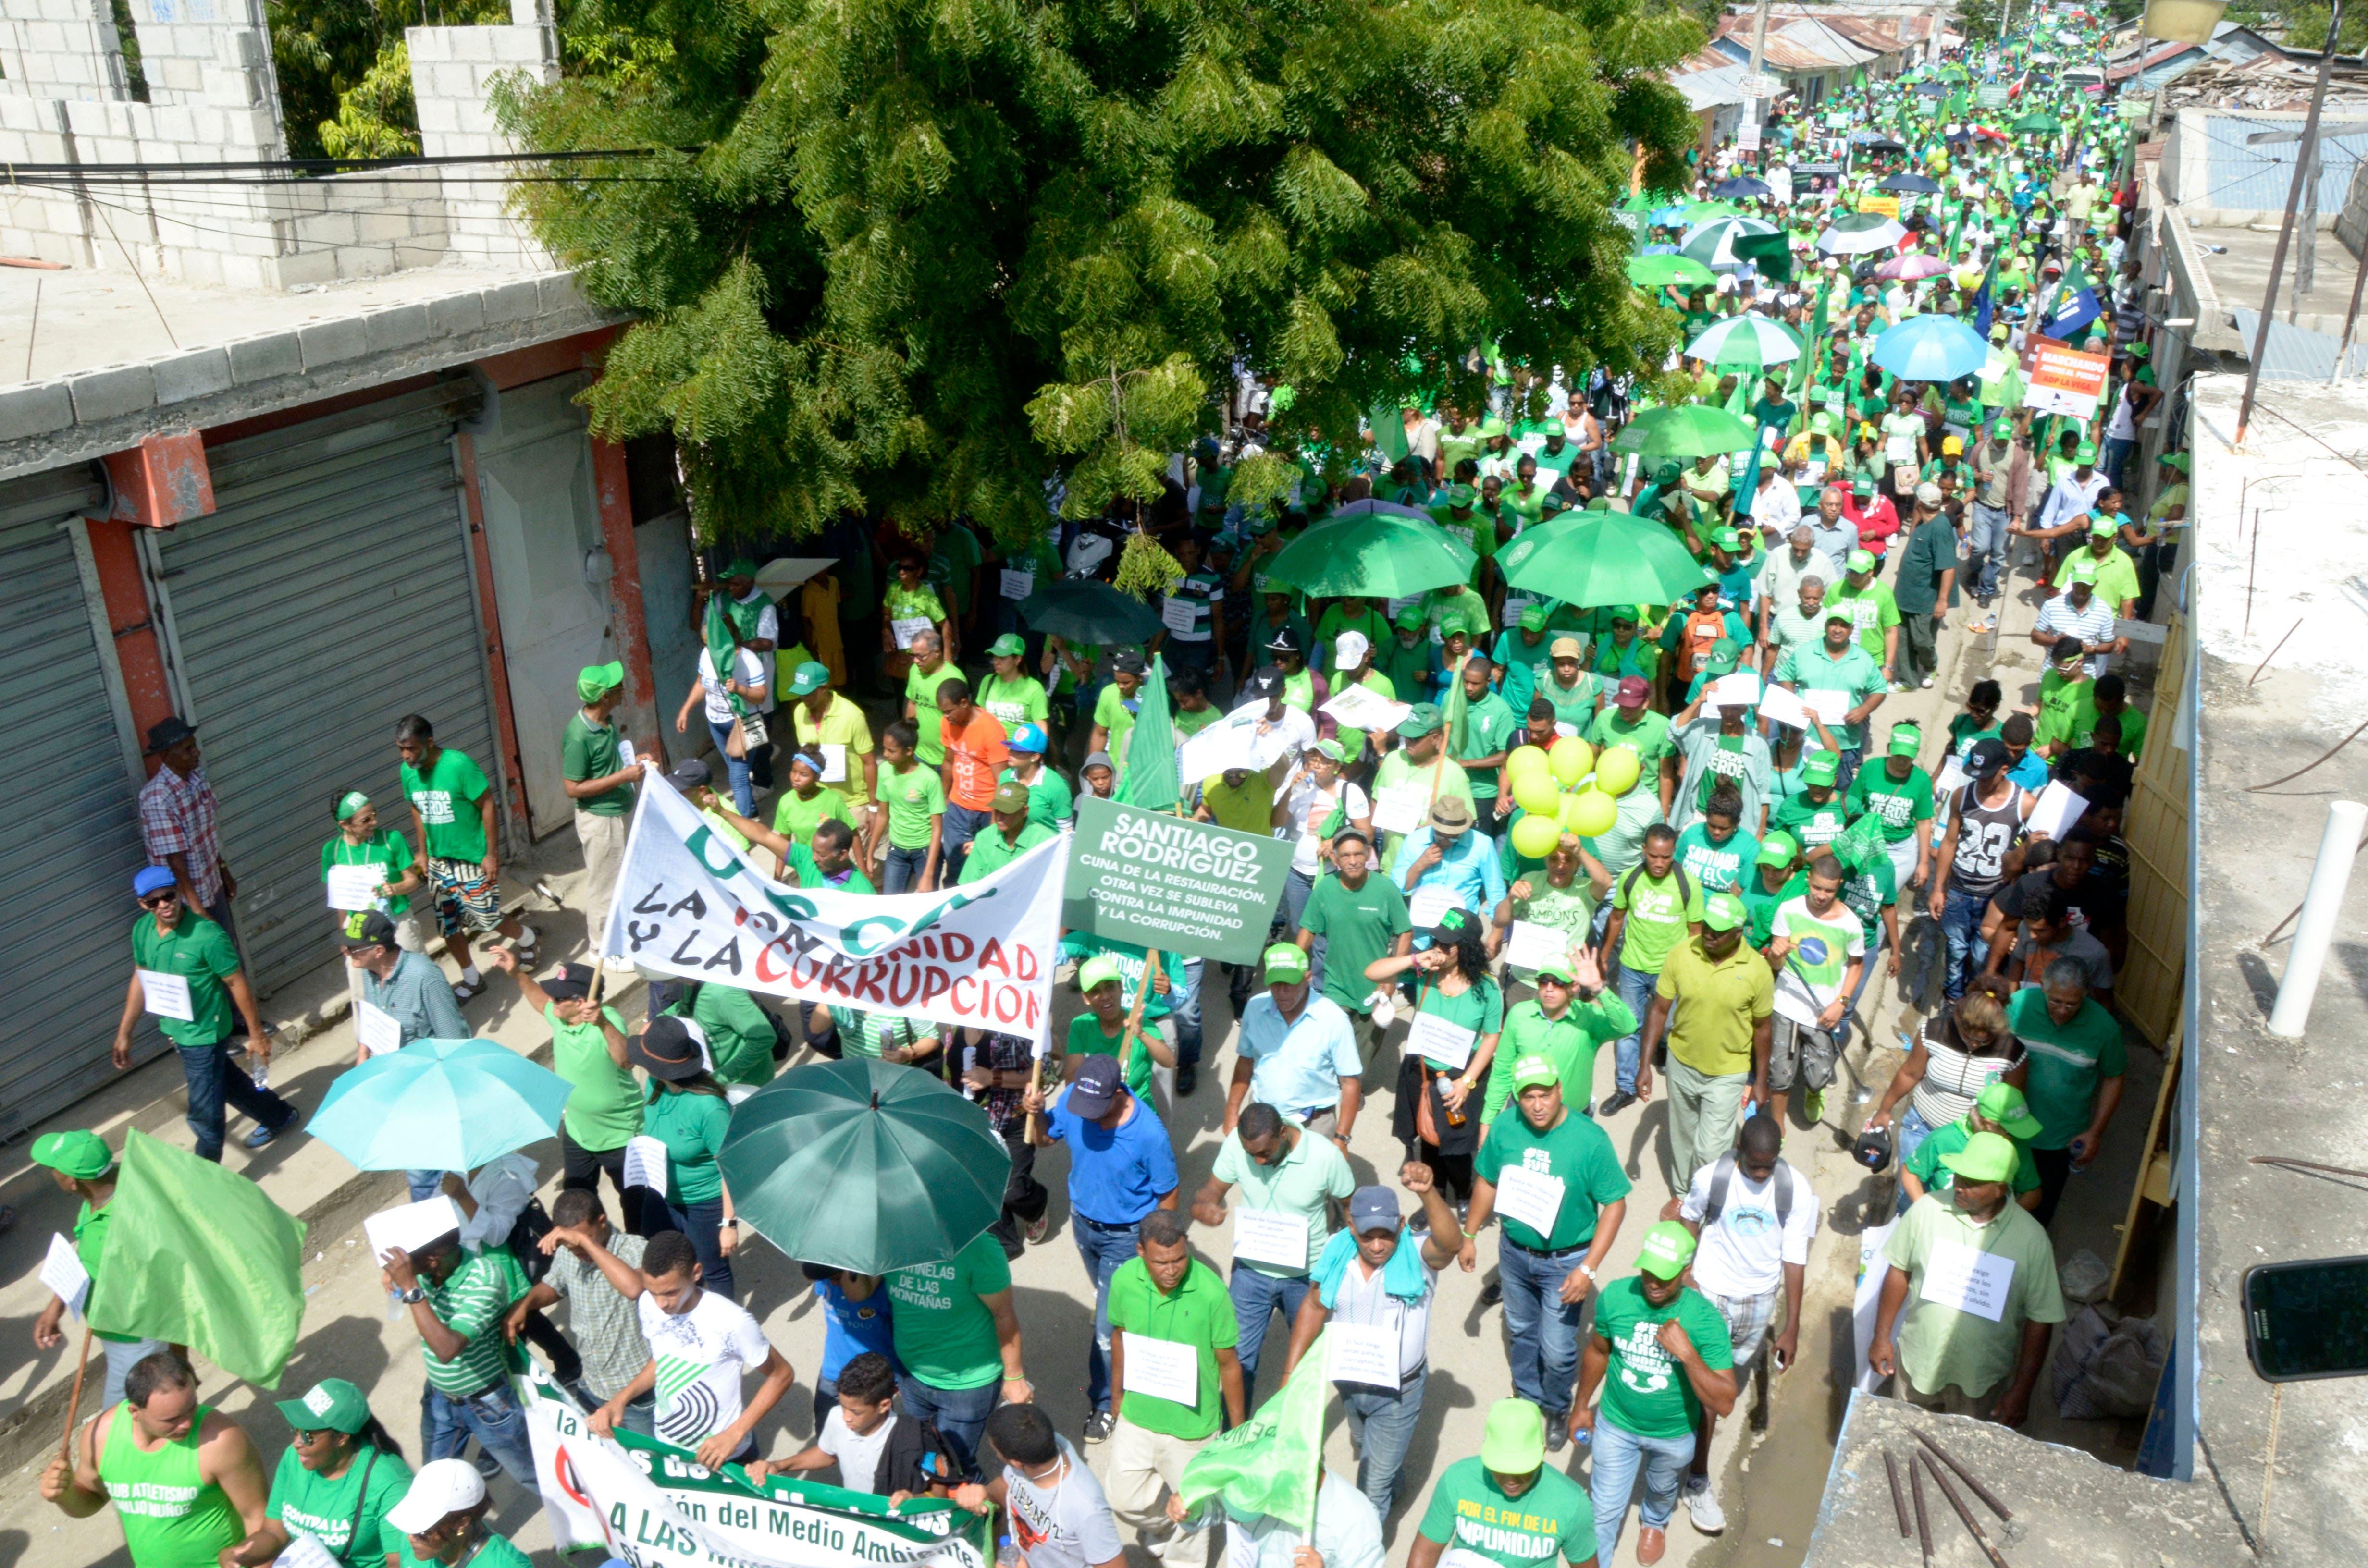 Falcondo advierte a Marcha Verde no permitirá agresiones injustificadas ni festinadas